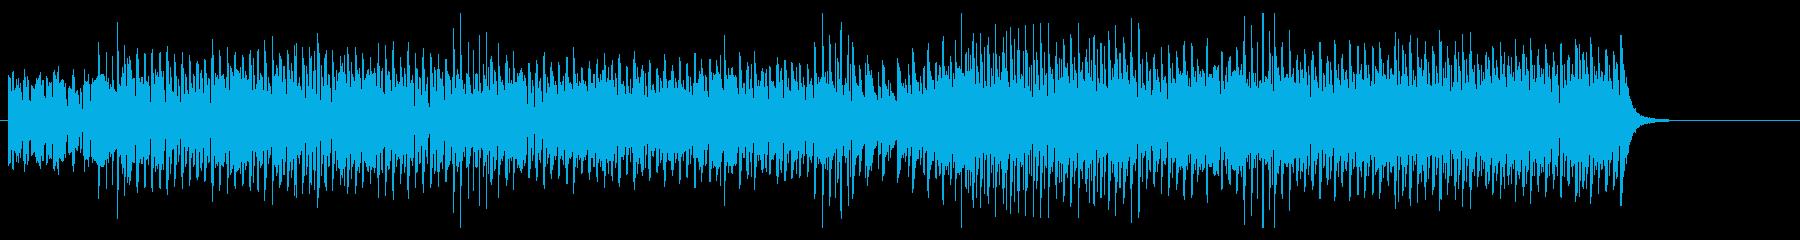 もろびとこぞりて テクノの再生済みの波形